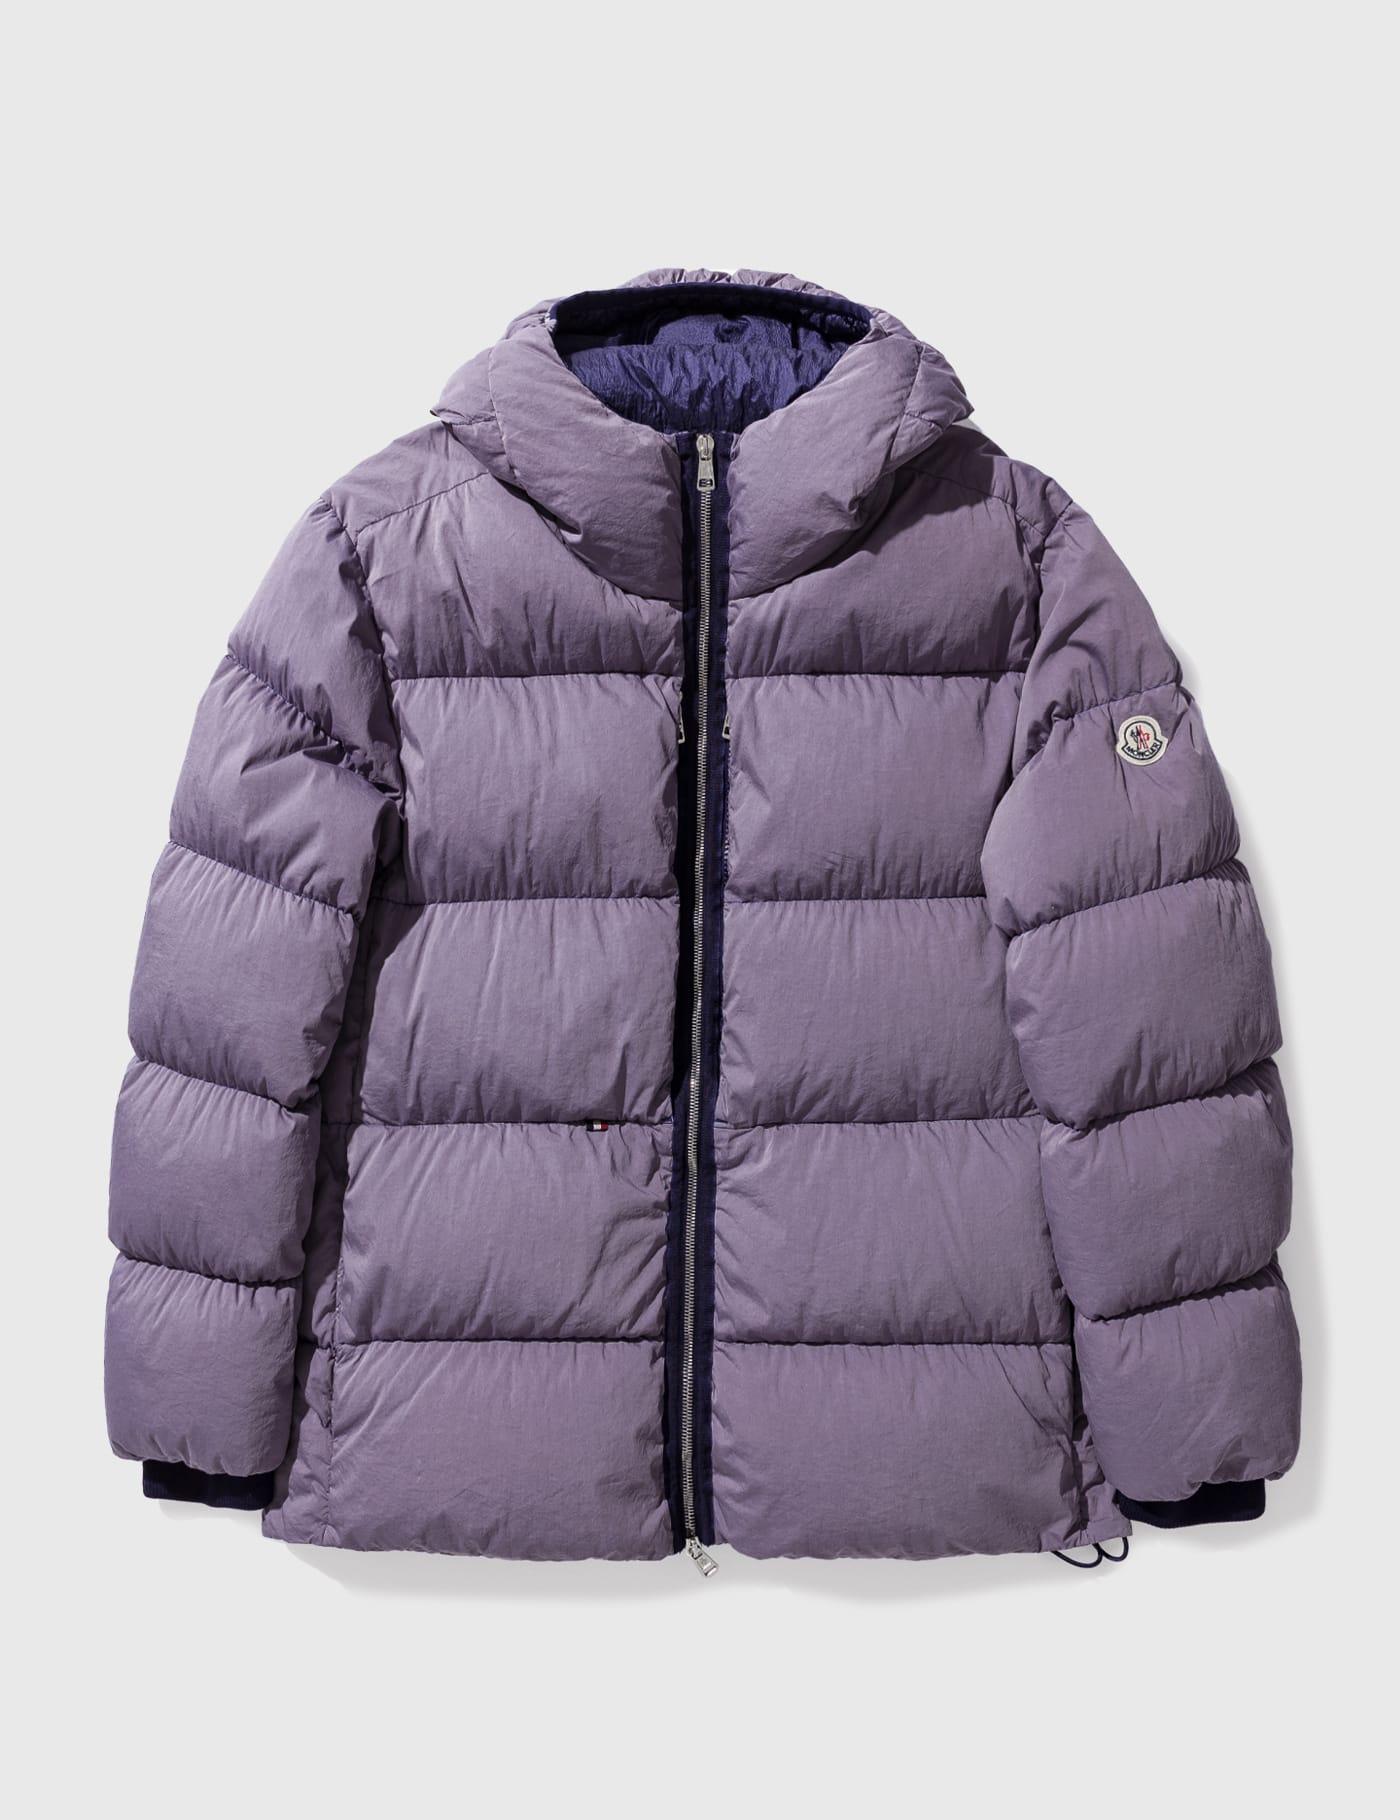 몽클레어 맨 숏패딩 Moncler Paviot Jacket